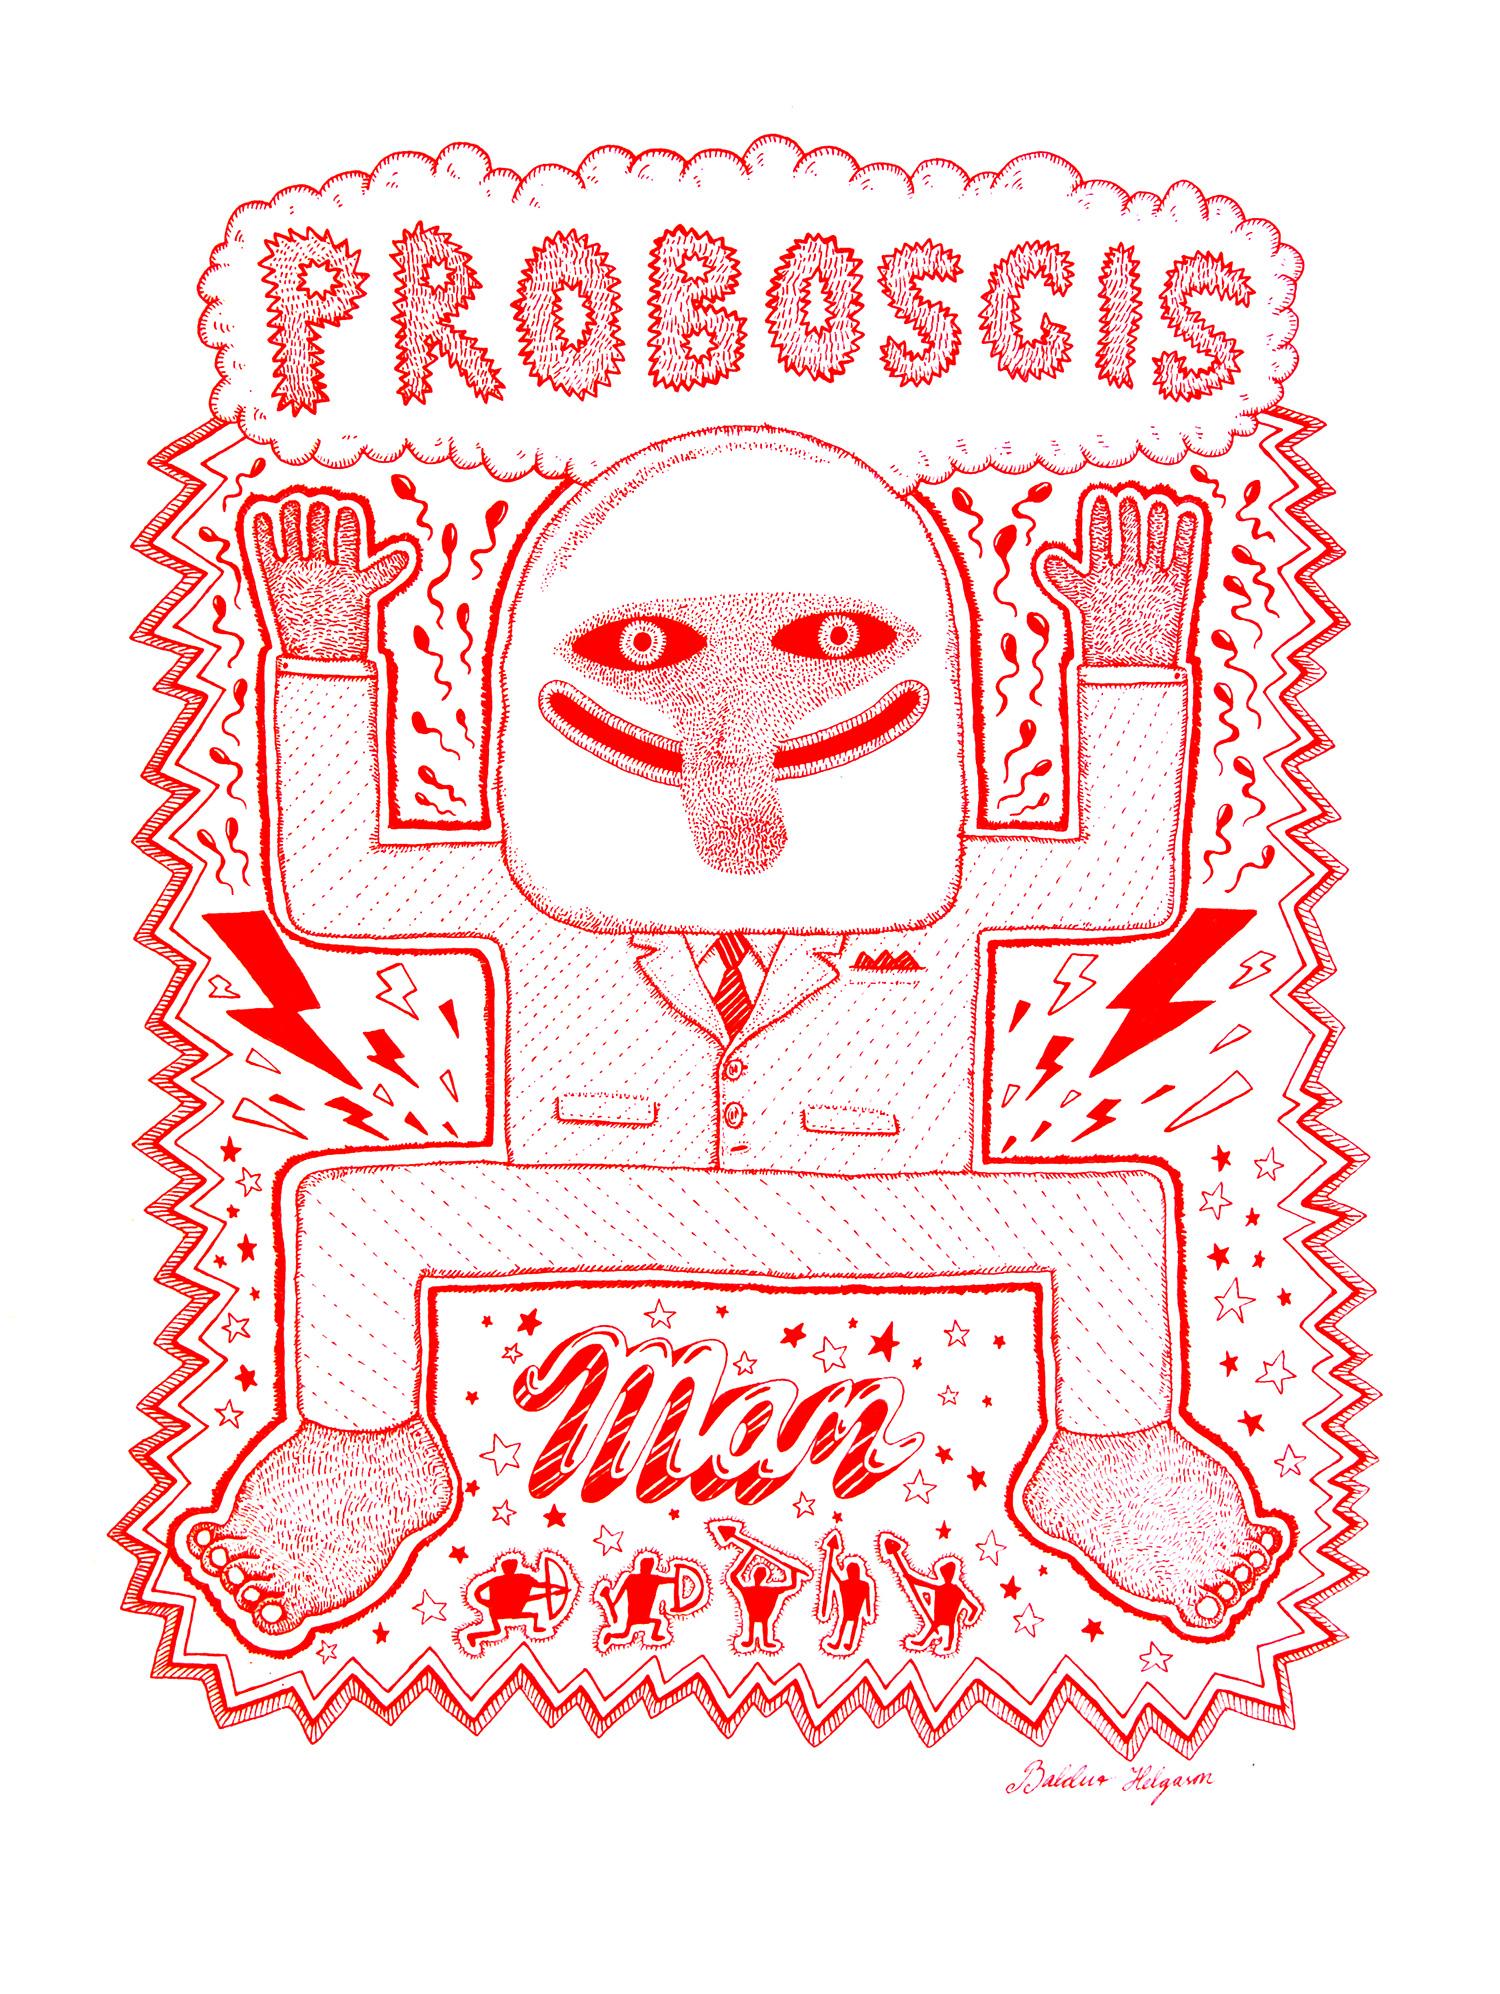 Probiscis Man  Pen & Ink on Paper, 14x17 2016